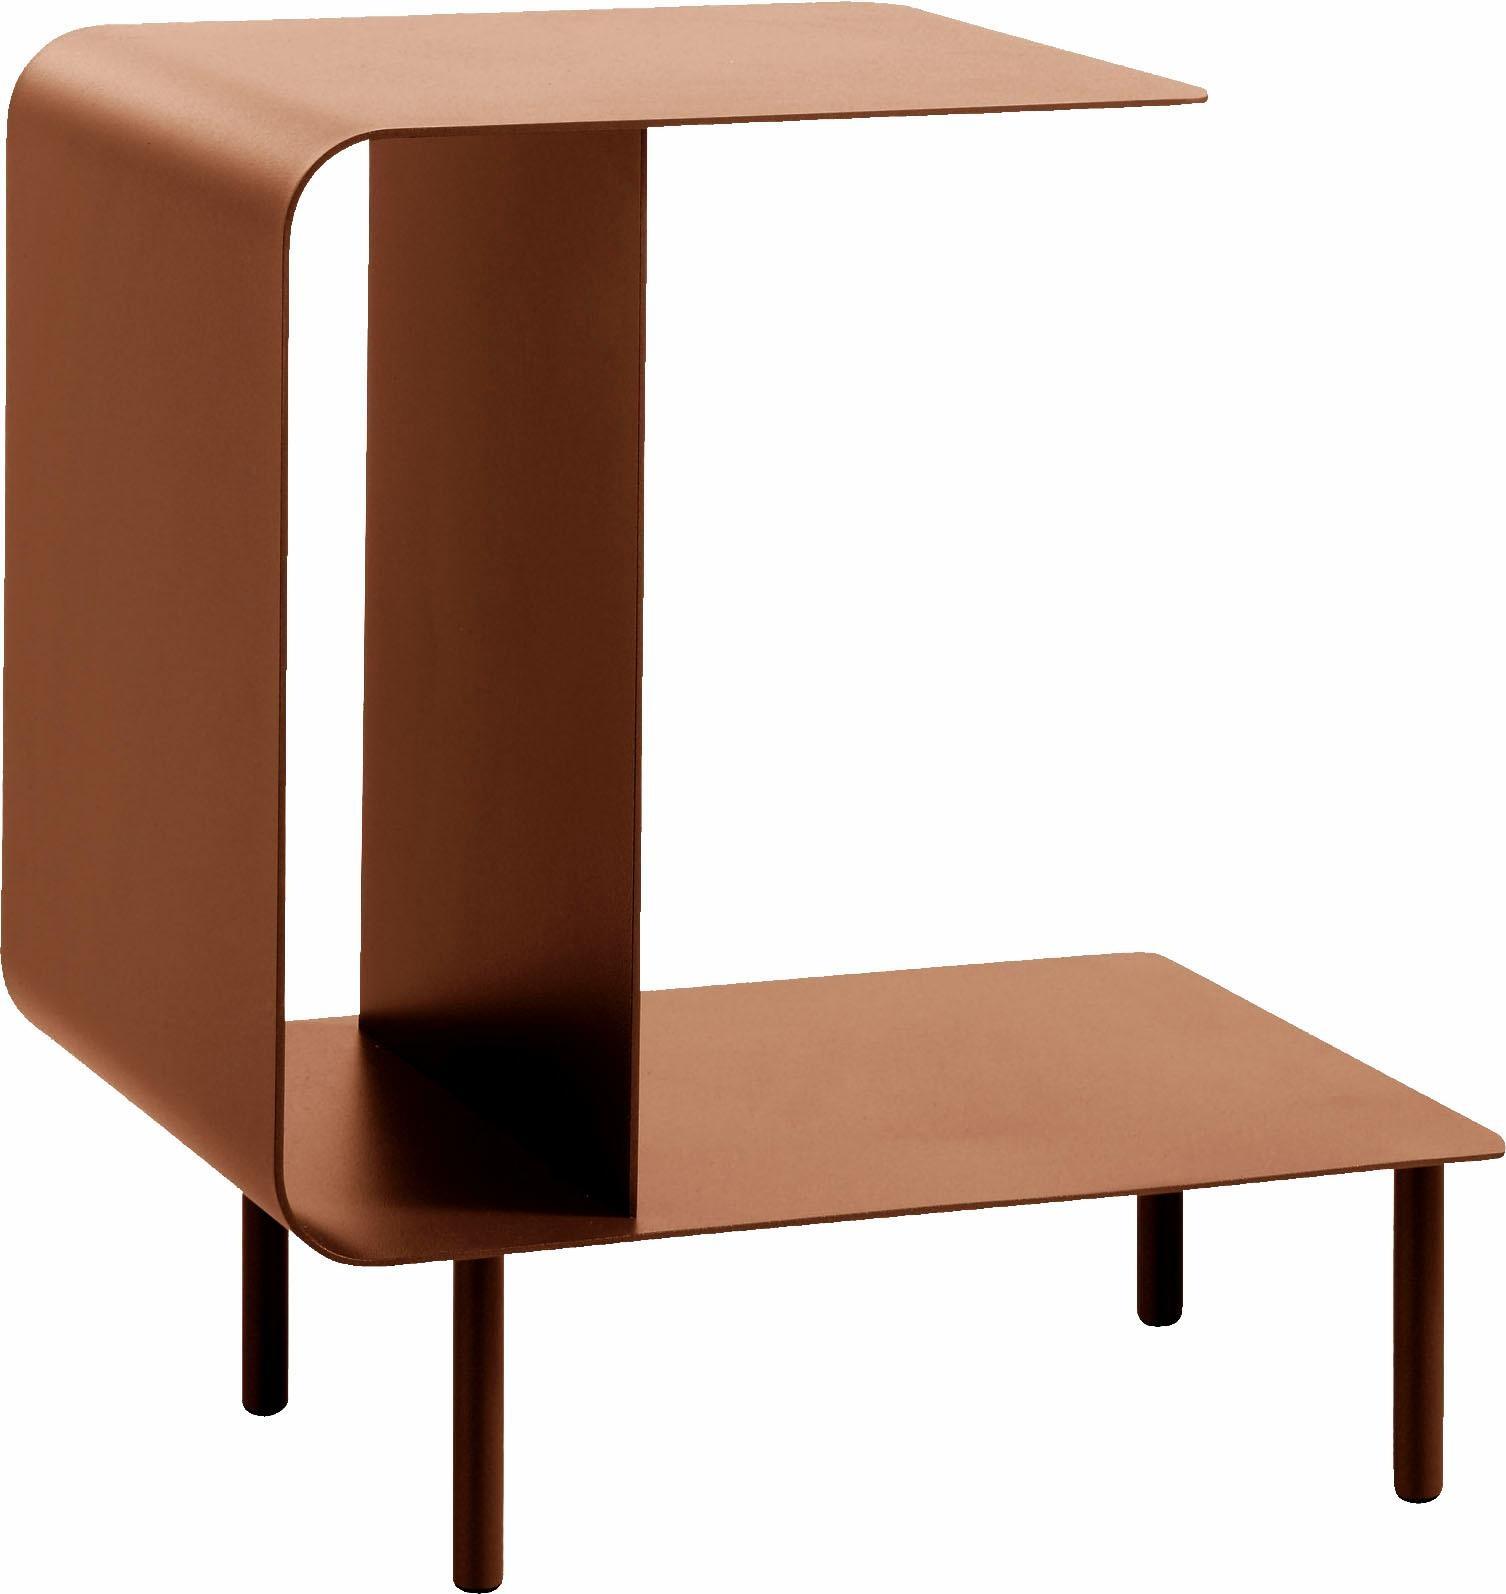 hülsta Beistelltisch MULTI -VARIS 03, aus Metall, Höhe 52 cm rot Beistelltische Tische